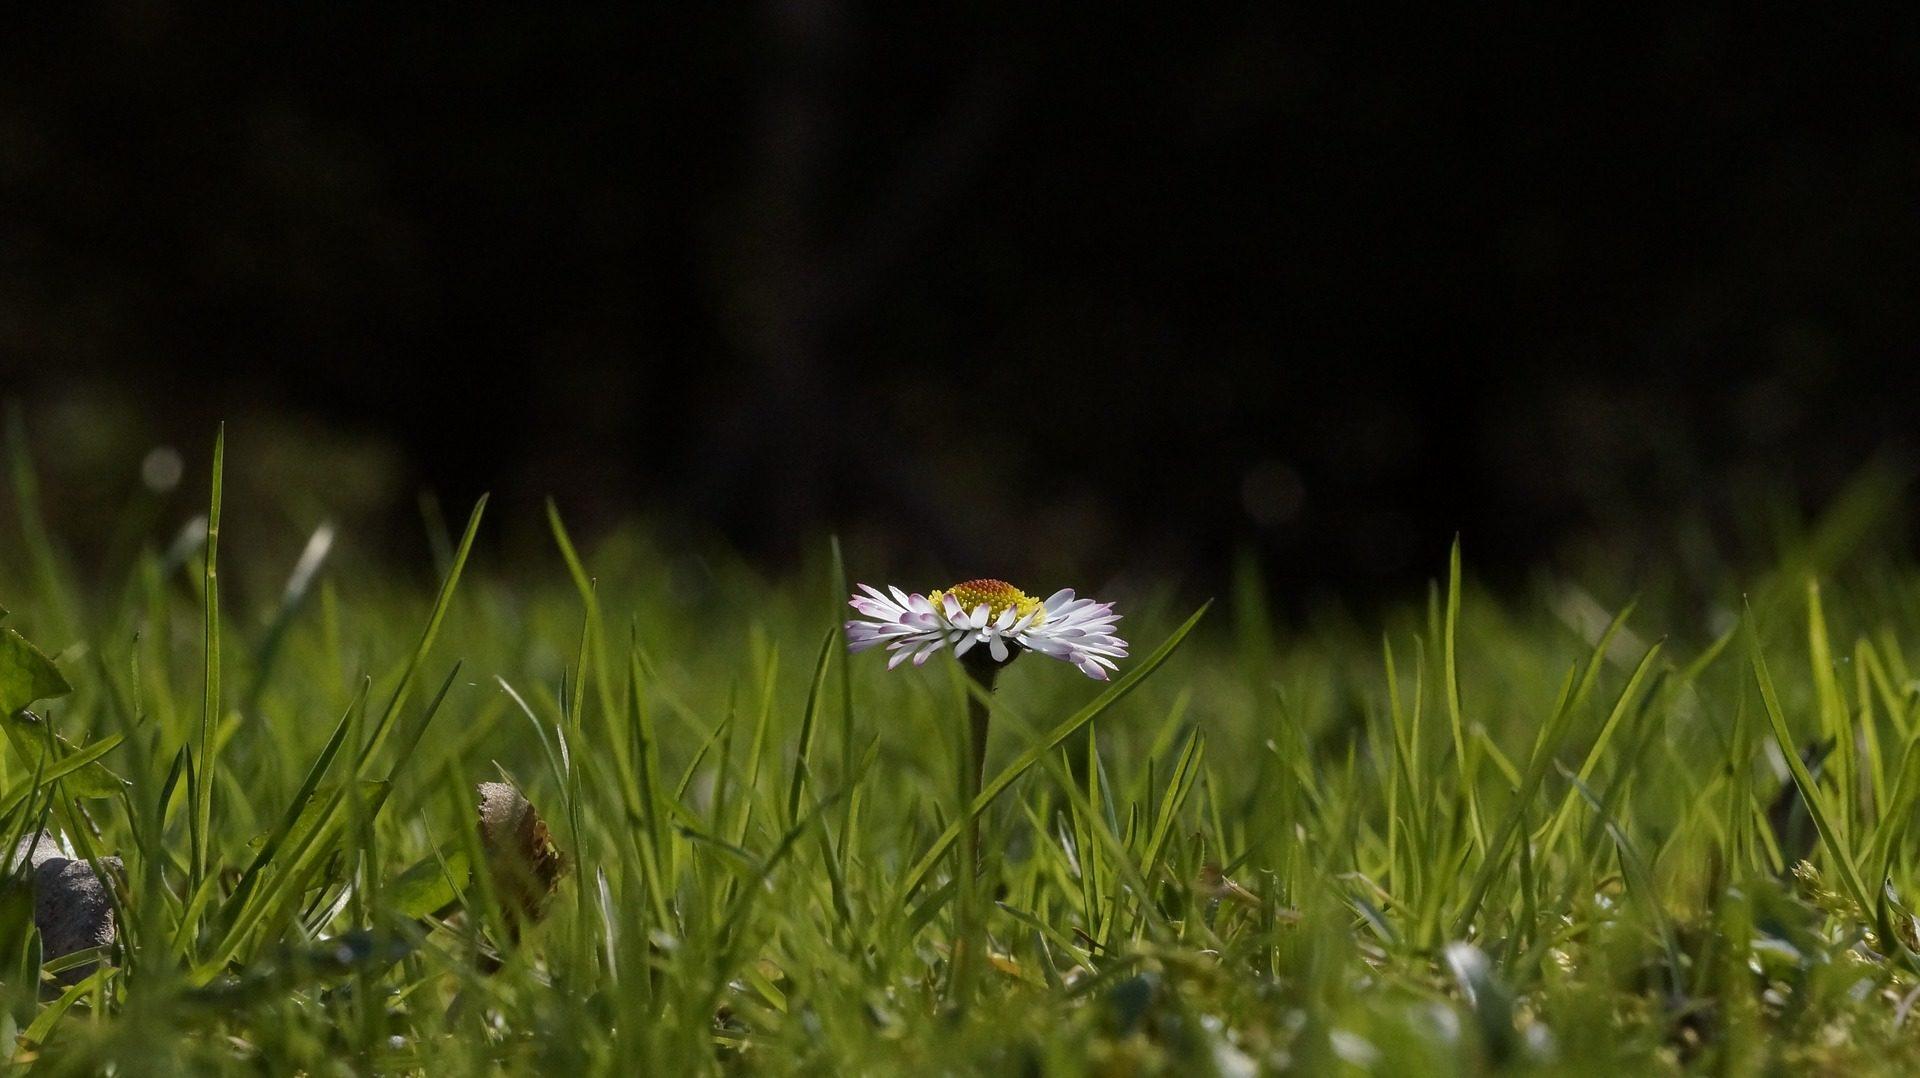 margarita, flor, campo, pétalos, hierba, solitaria - Fondos de Pantalla HD - professor-falken.com